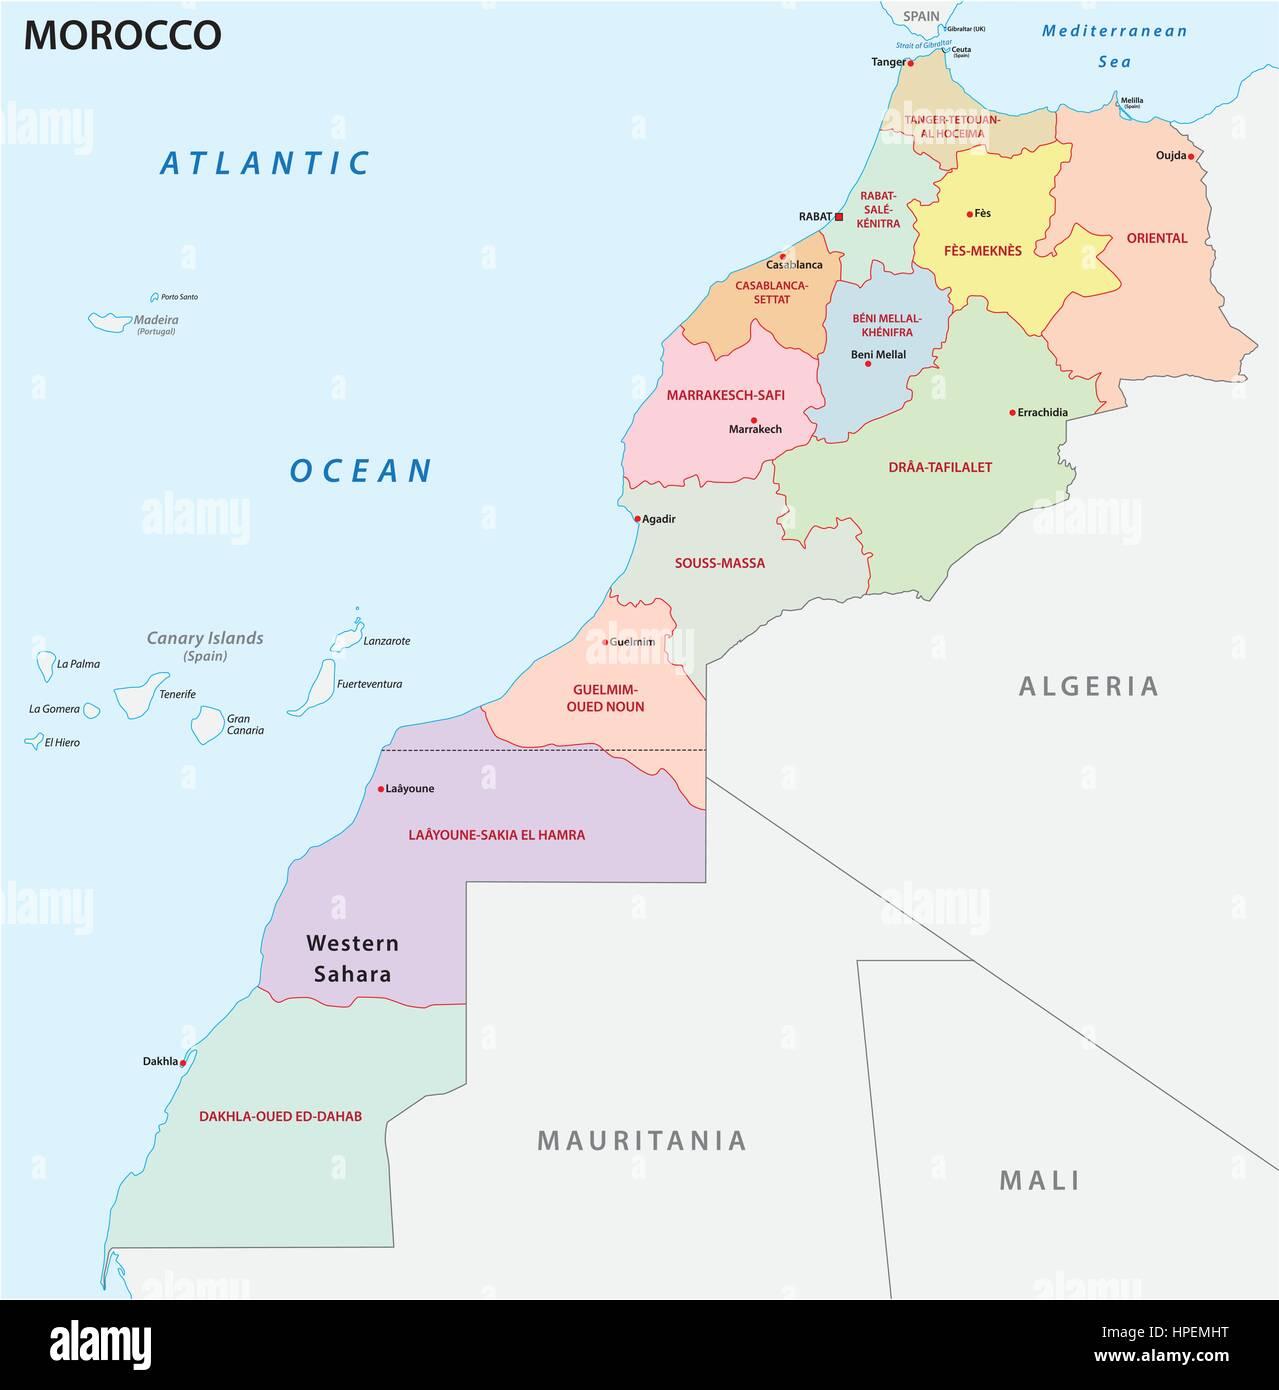 Cartina Geografica Fisica Del Marocco.Casablanca Morocco Map Immagini E Fotos Stock Alamy